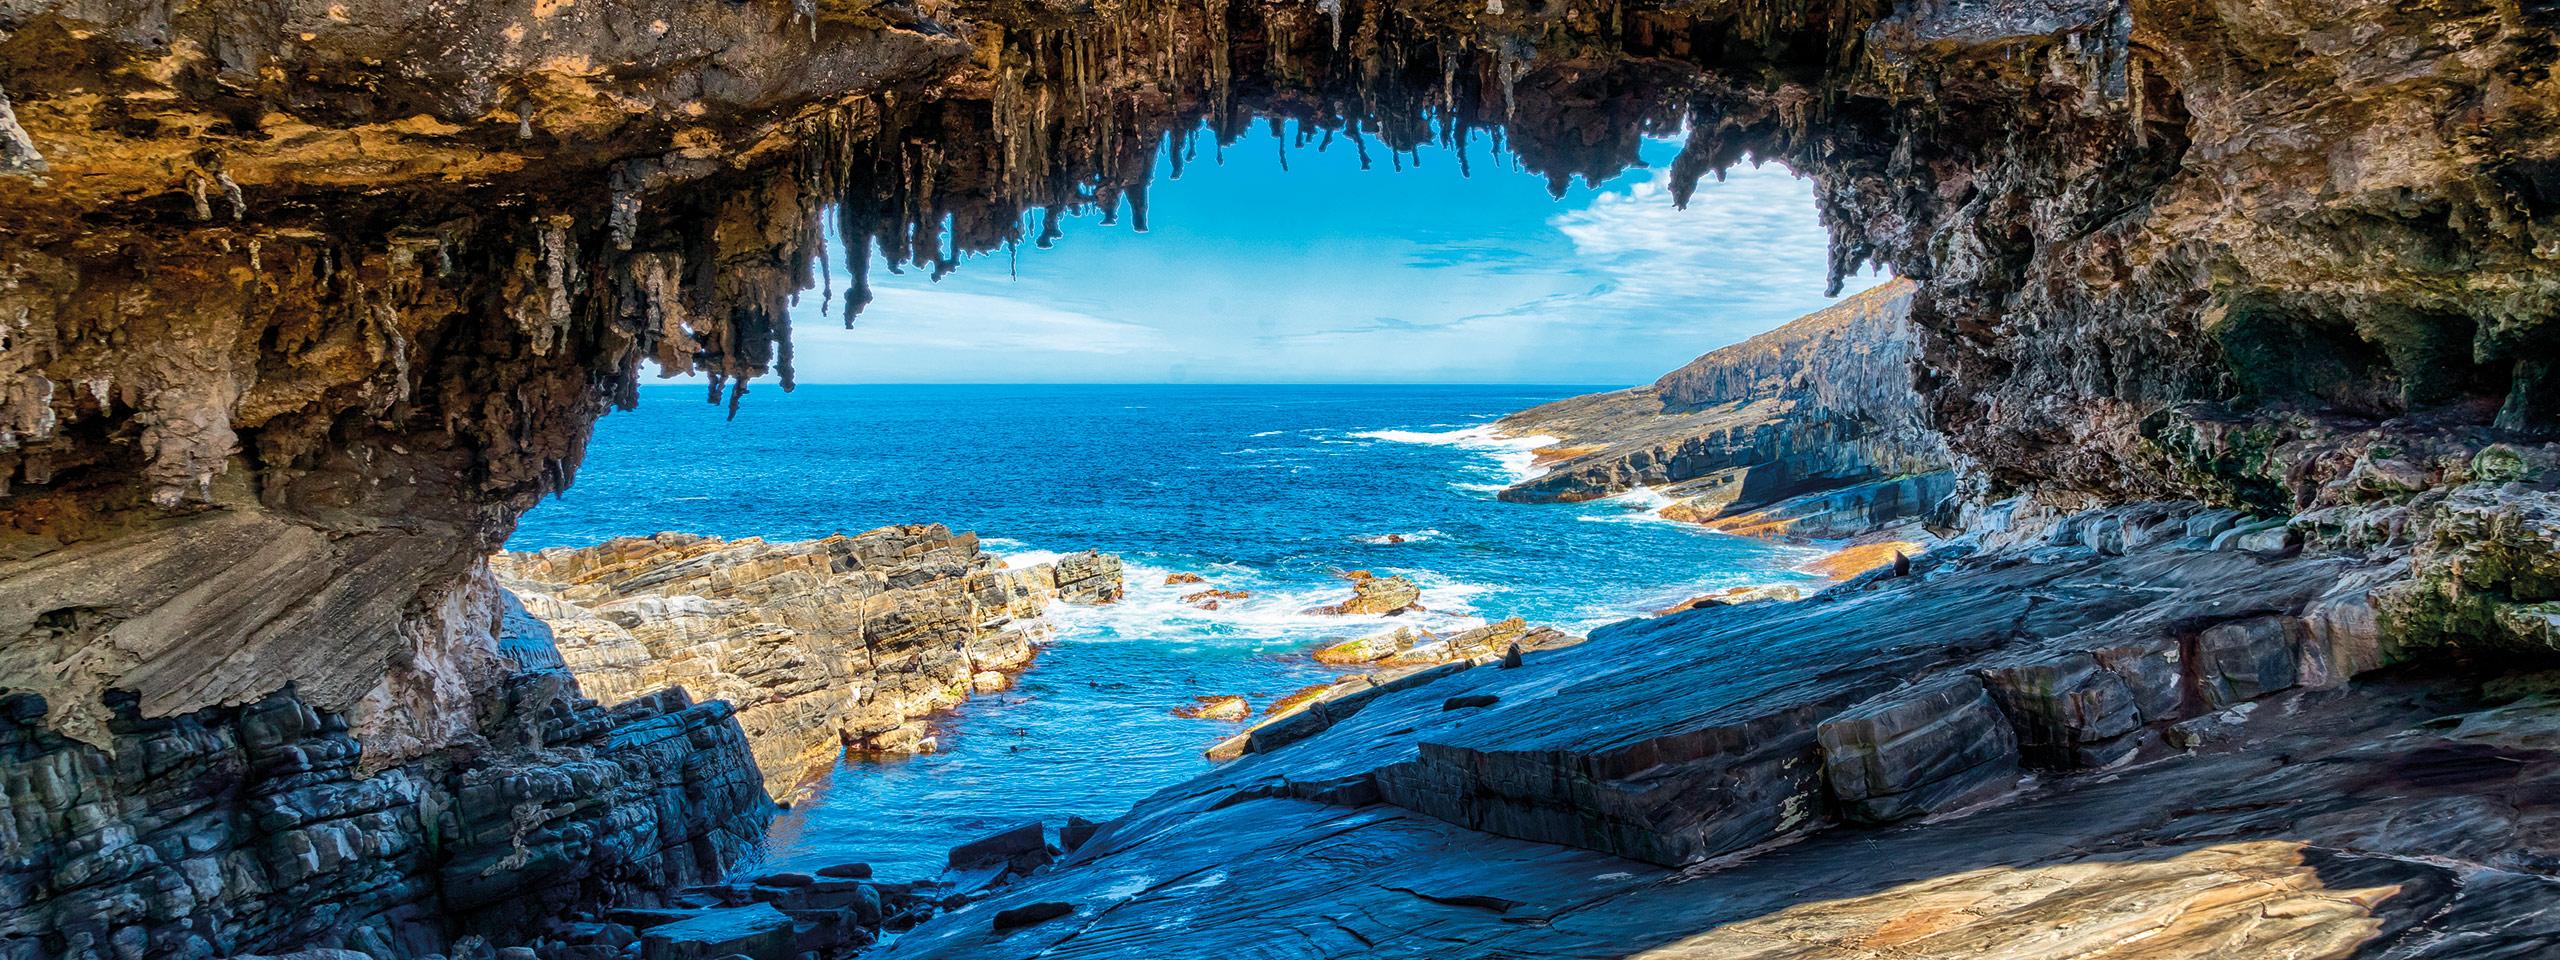 остров в австралии фото пещера место для